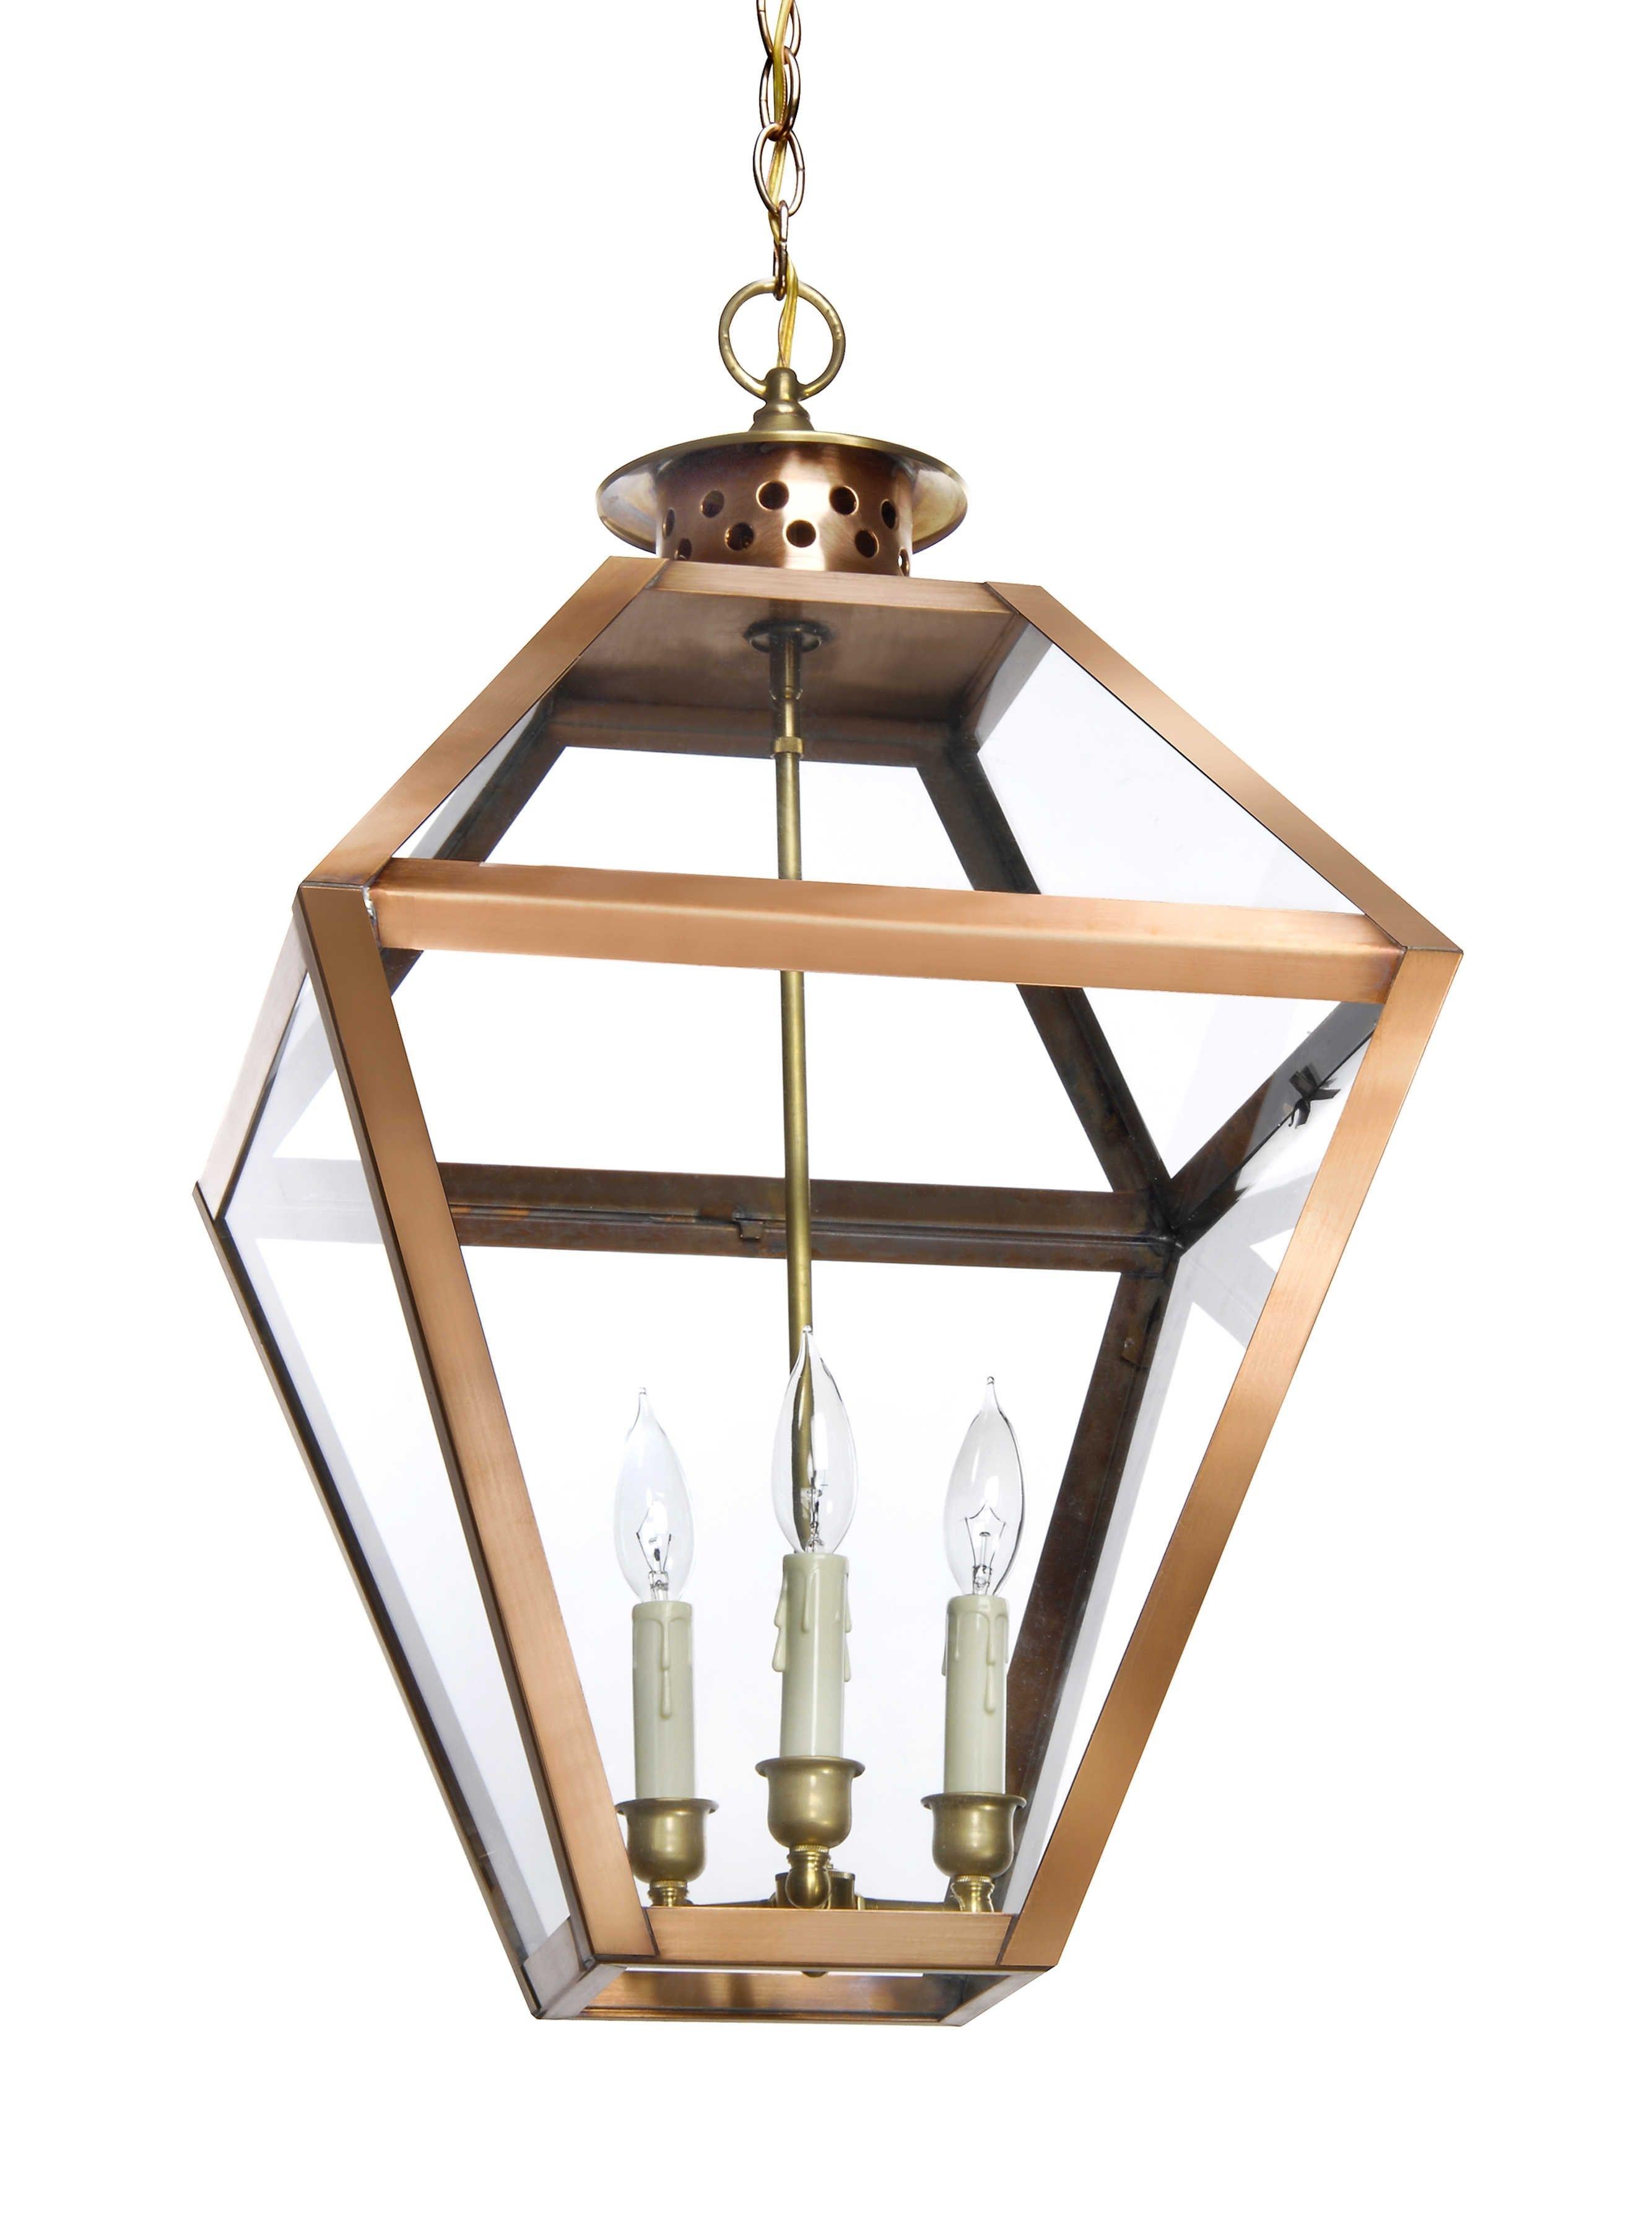 Broad Street Collection Bs 16 Bronze Lantern Gas Hanging Lantern Regarding Outdoor Hanging Gas Lanterns (#3 of 15)